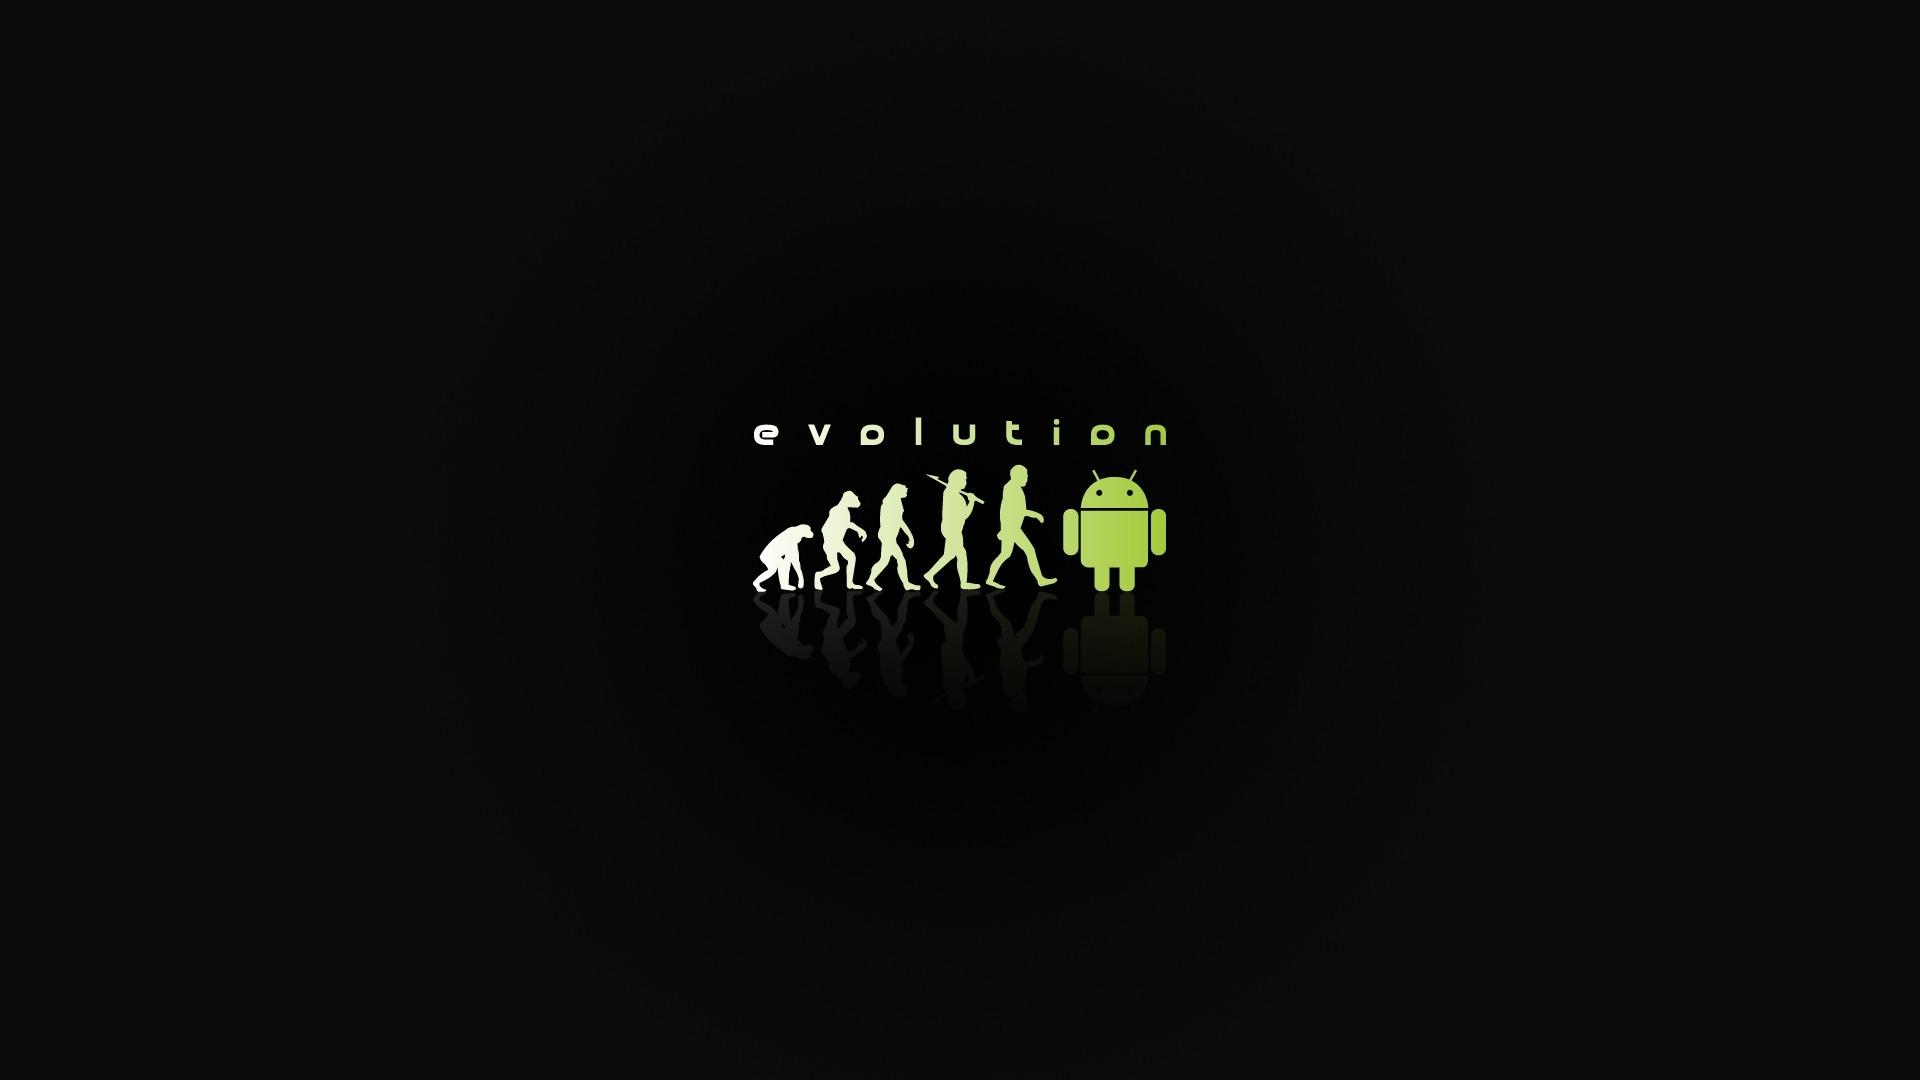 41403 Hintergrundbild herunterladen Hintergrund, Android - Bildschirmschoner und Bilder kostenlos